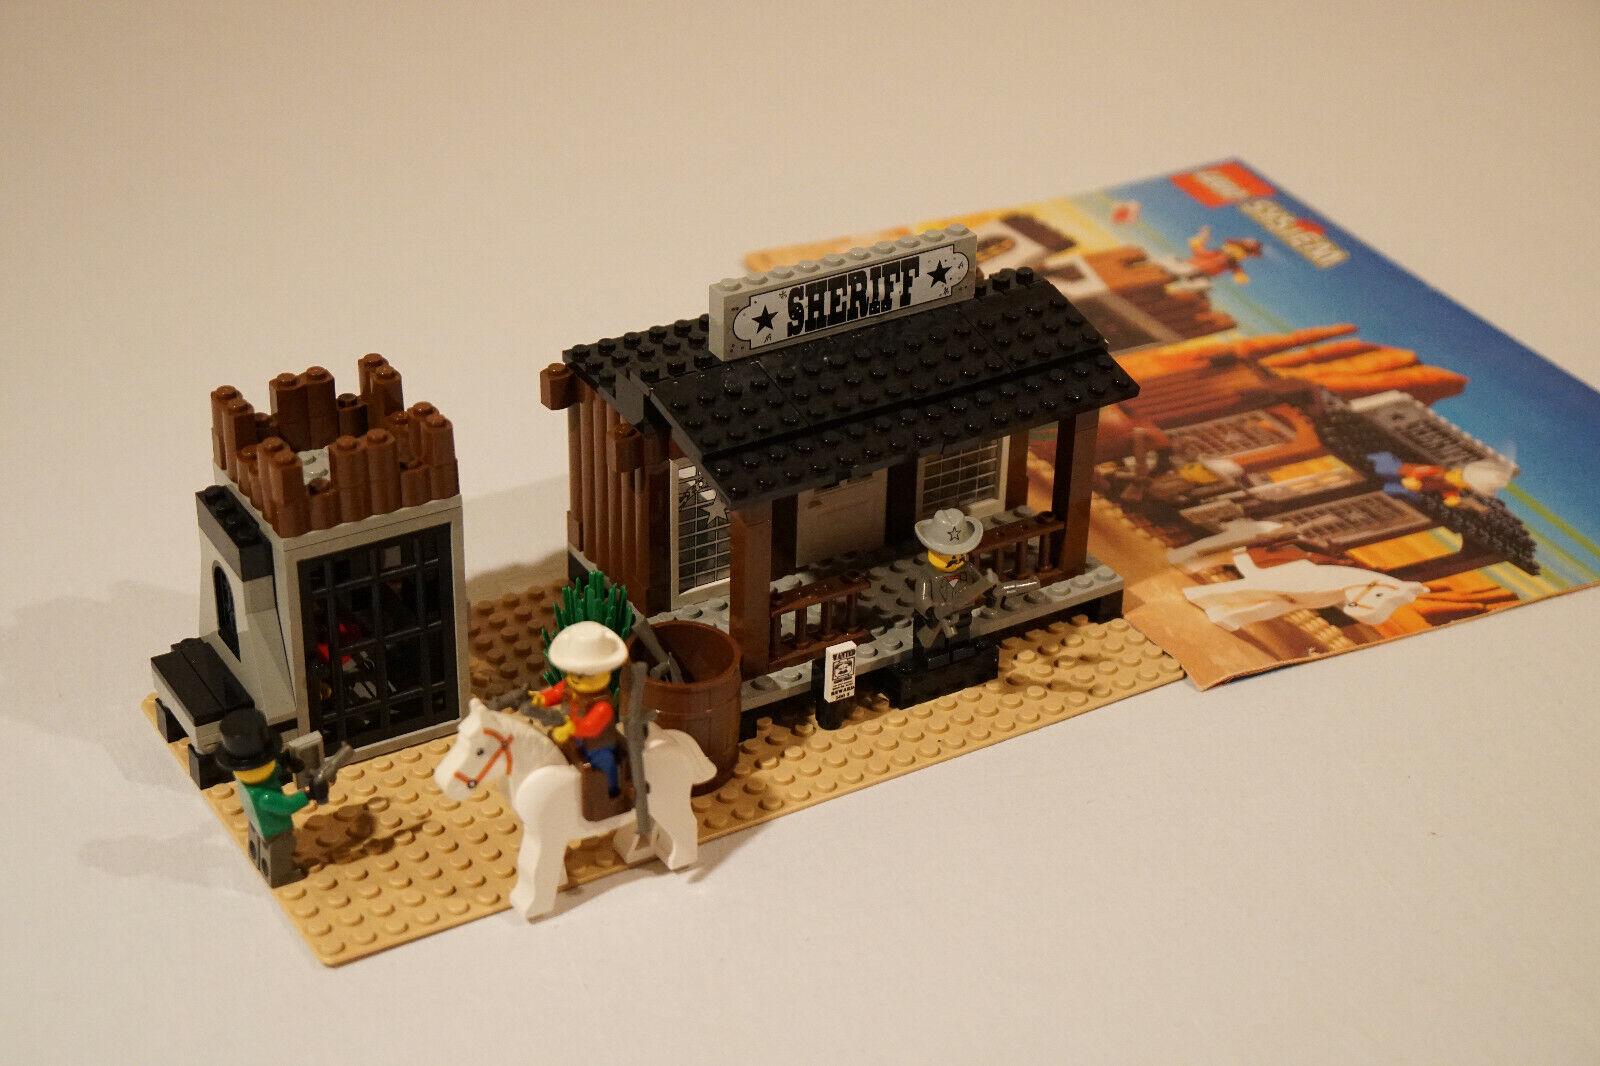 Lego Wild West     Set 6755   Sheriff's Office and Jail   Komplett   aus Sammlung 817085